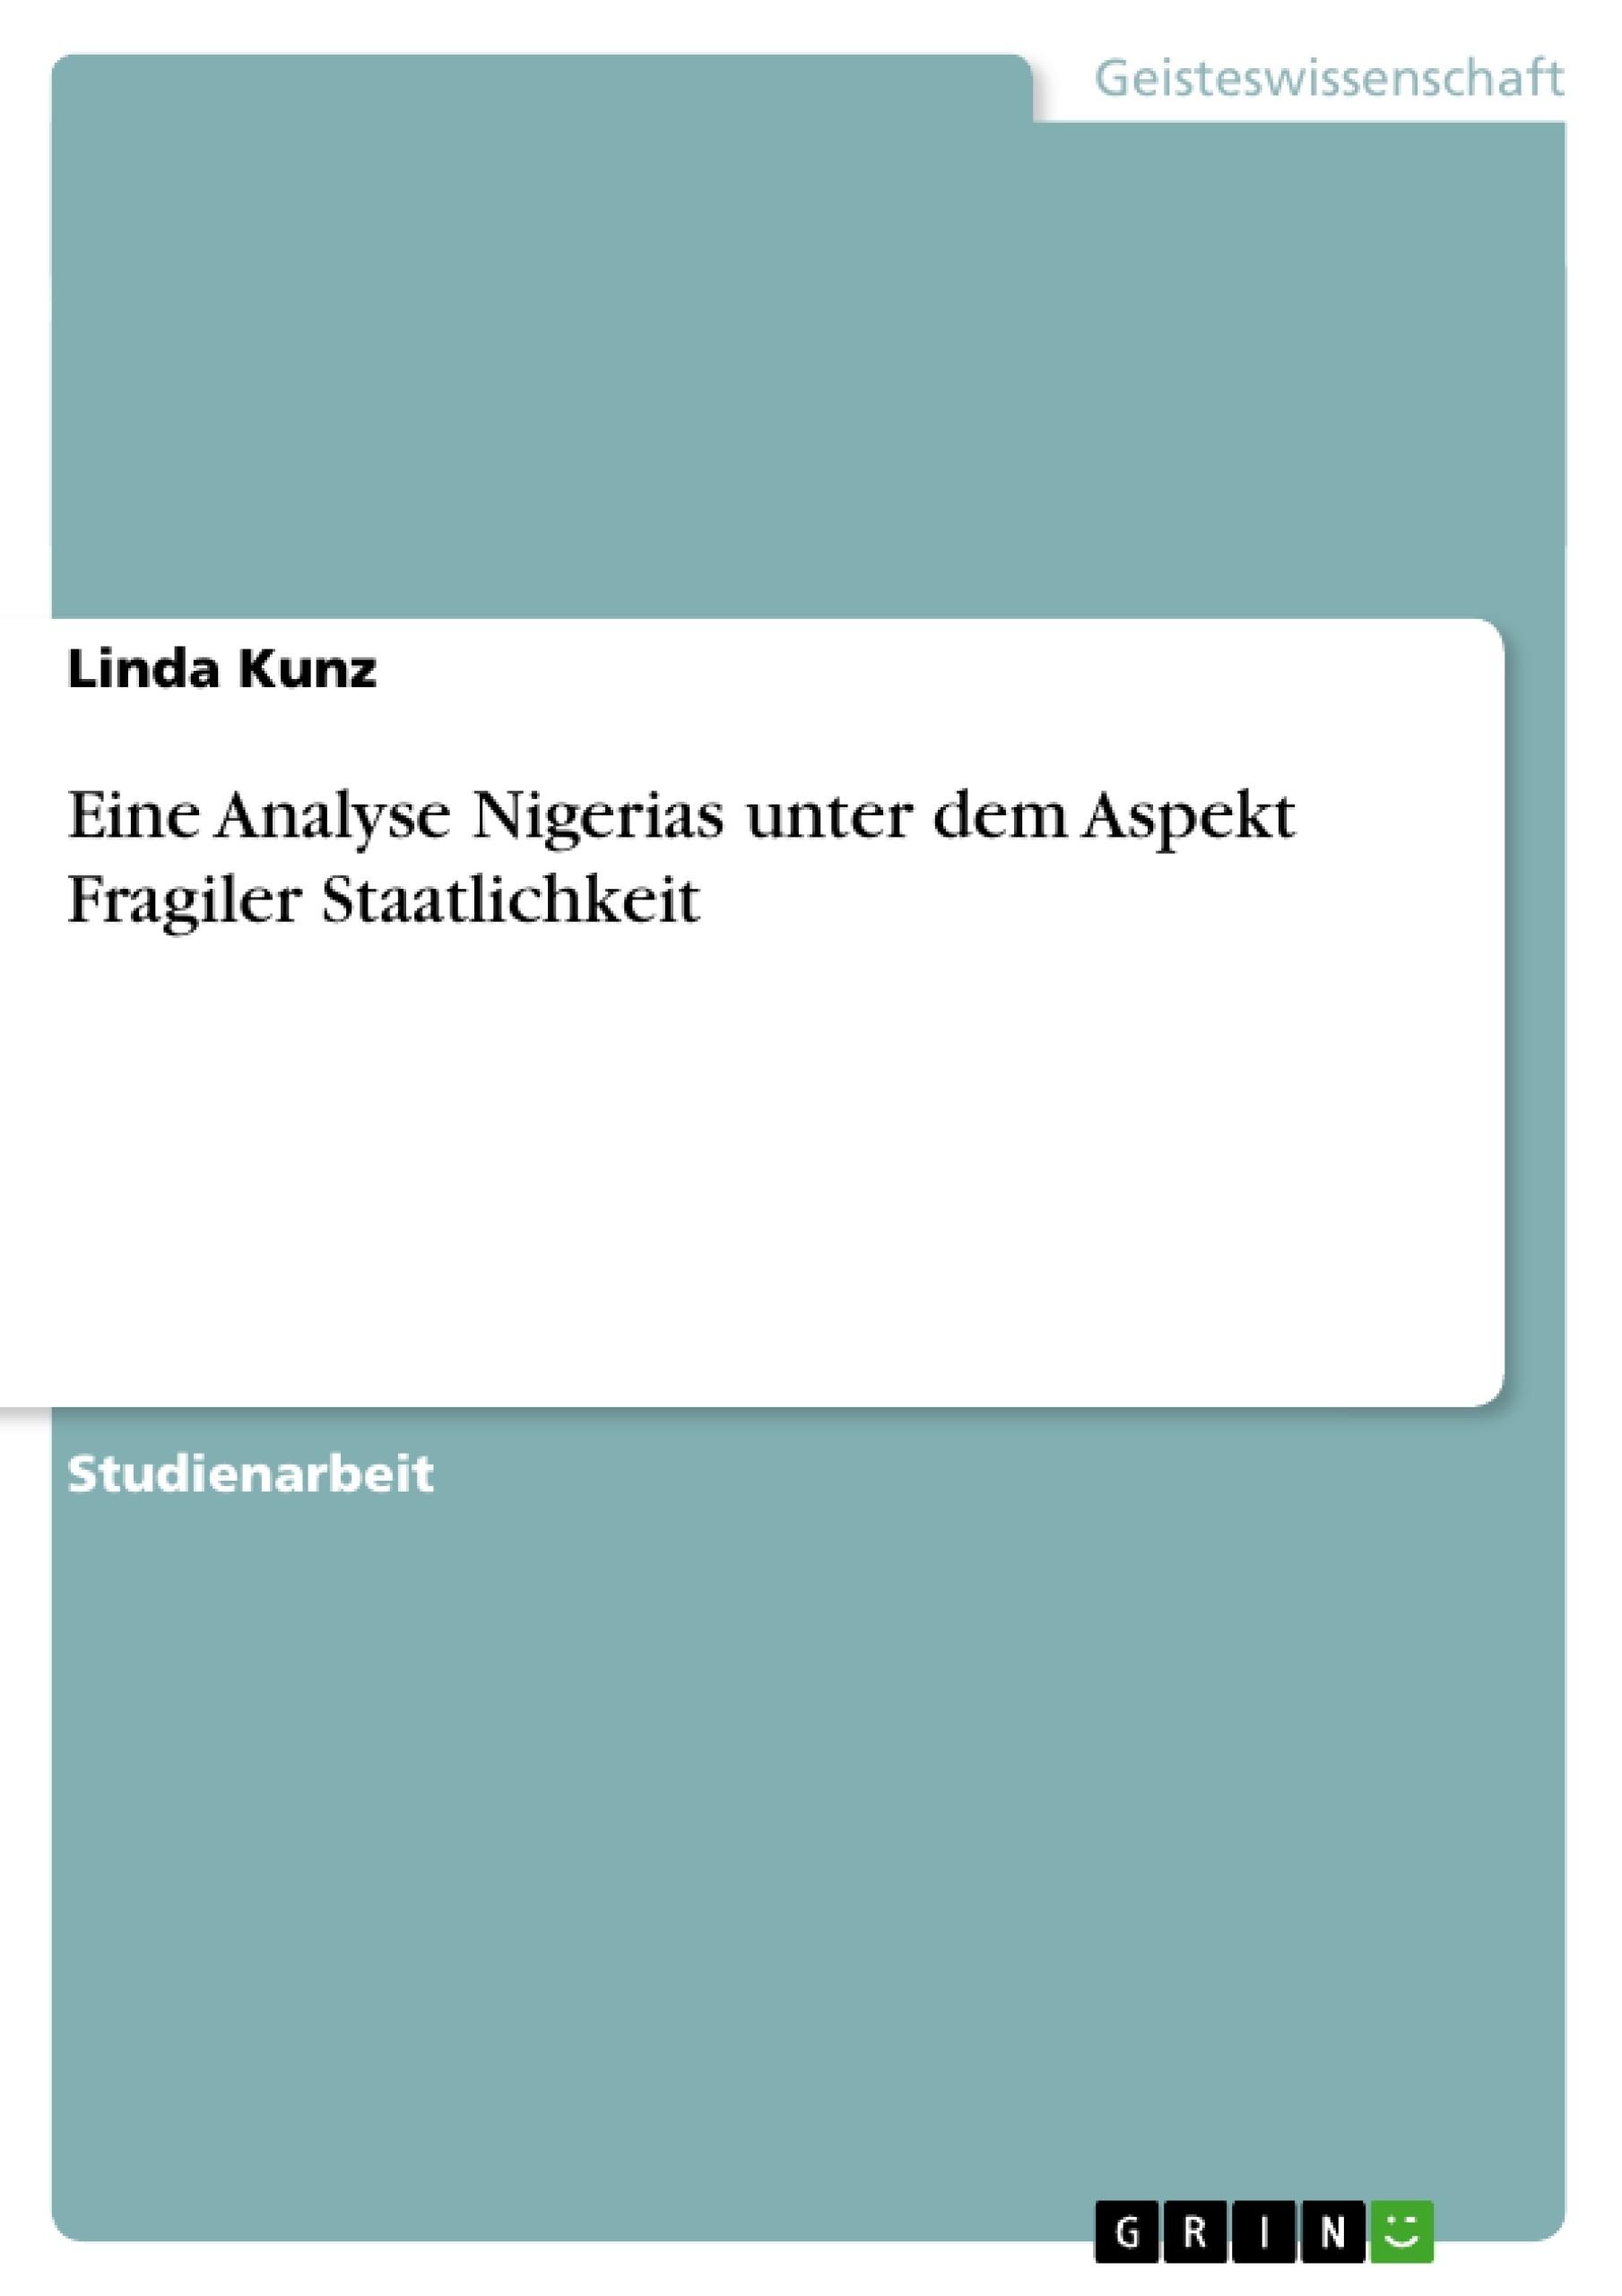 Titel: Eine Analyse Nigerias unter dem Aspekt Fragiler Staatlichkeit